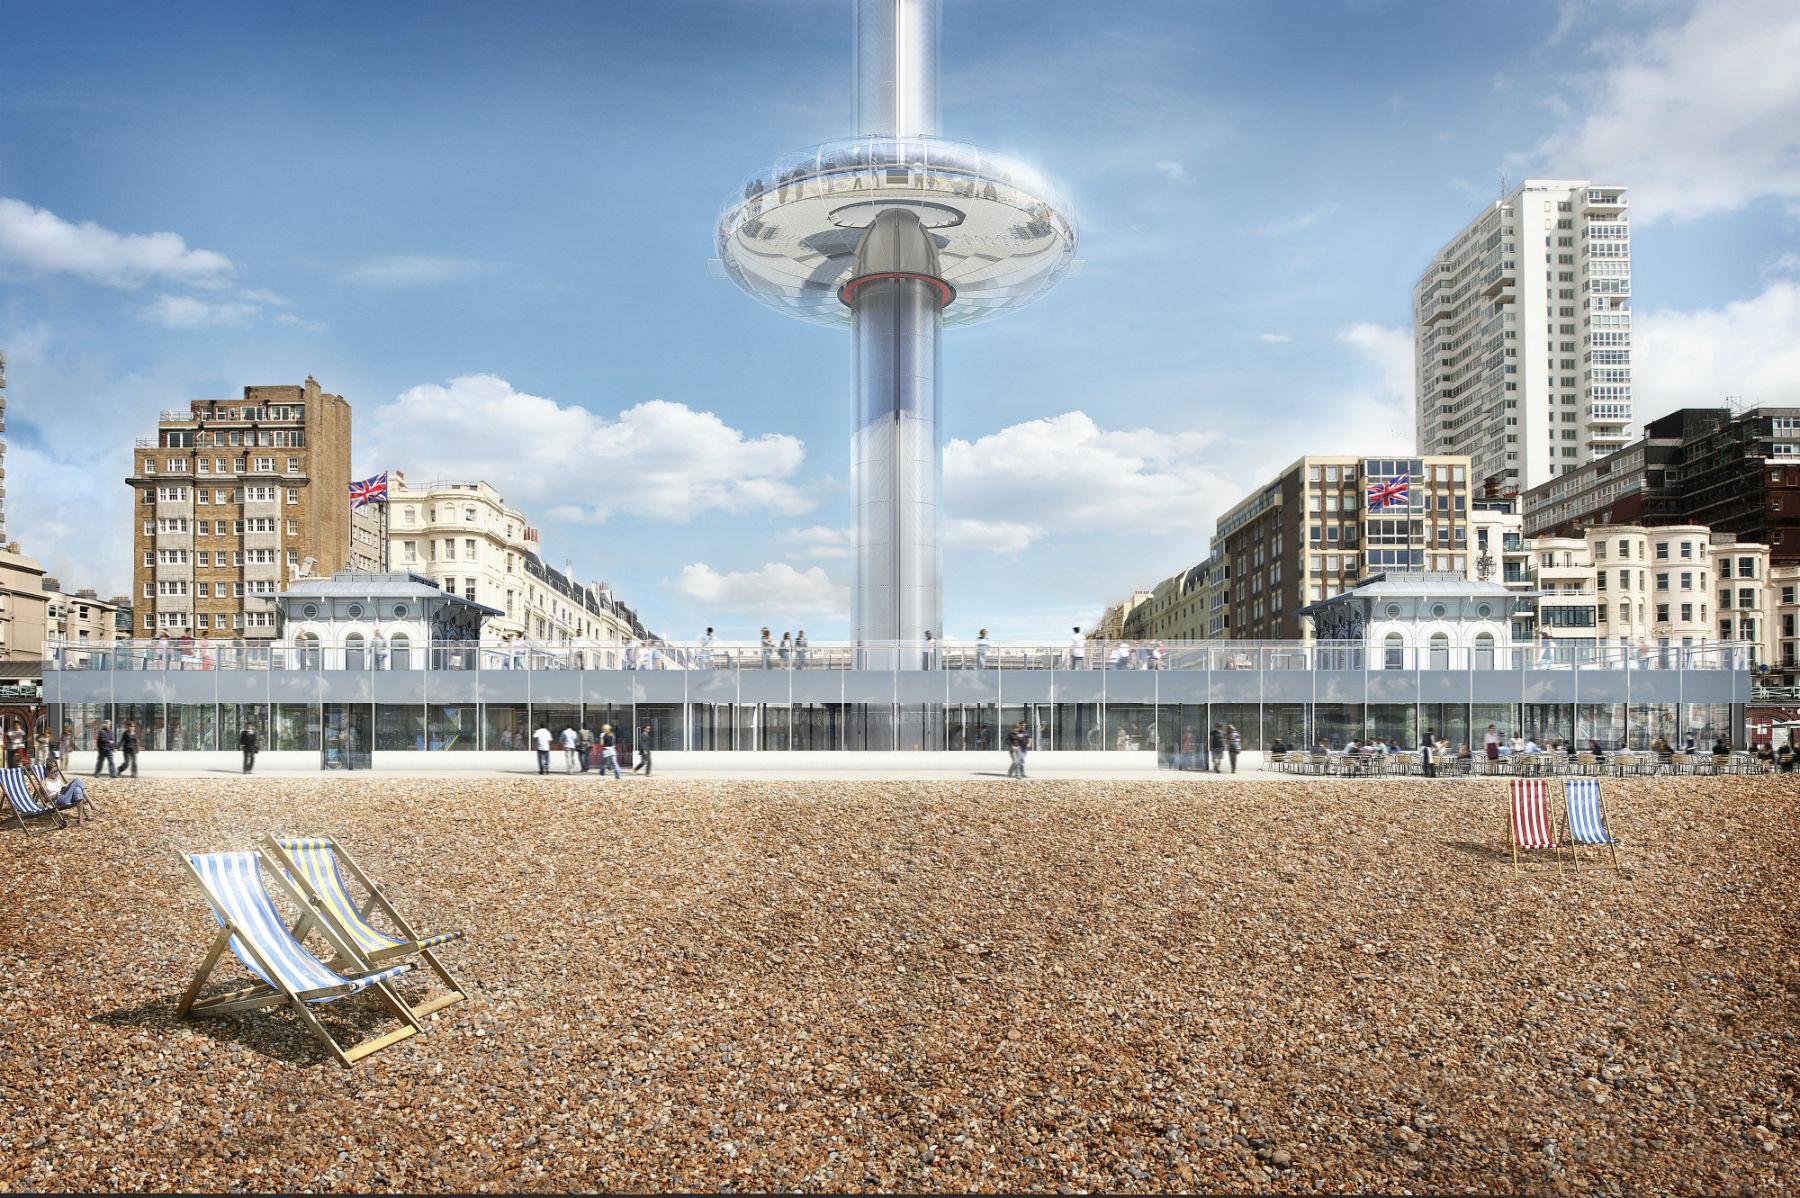 A torre vista da praia de Brighton: críticas e milhóes investidos